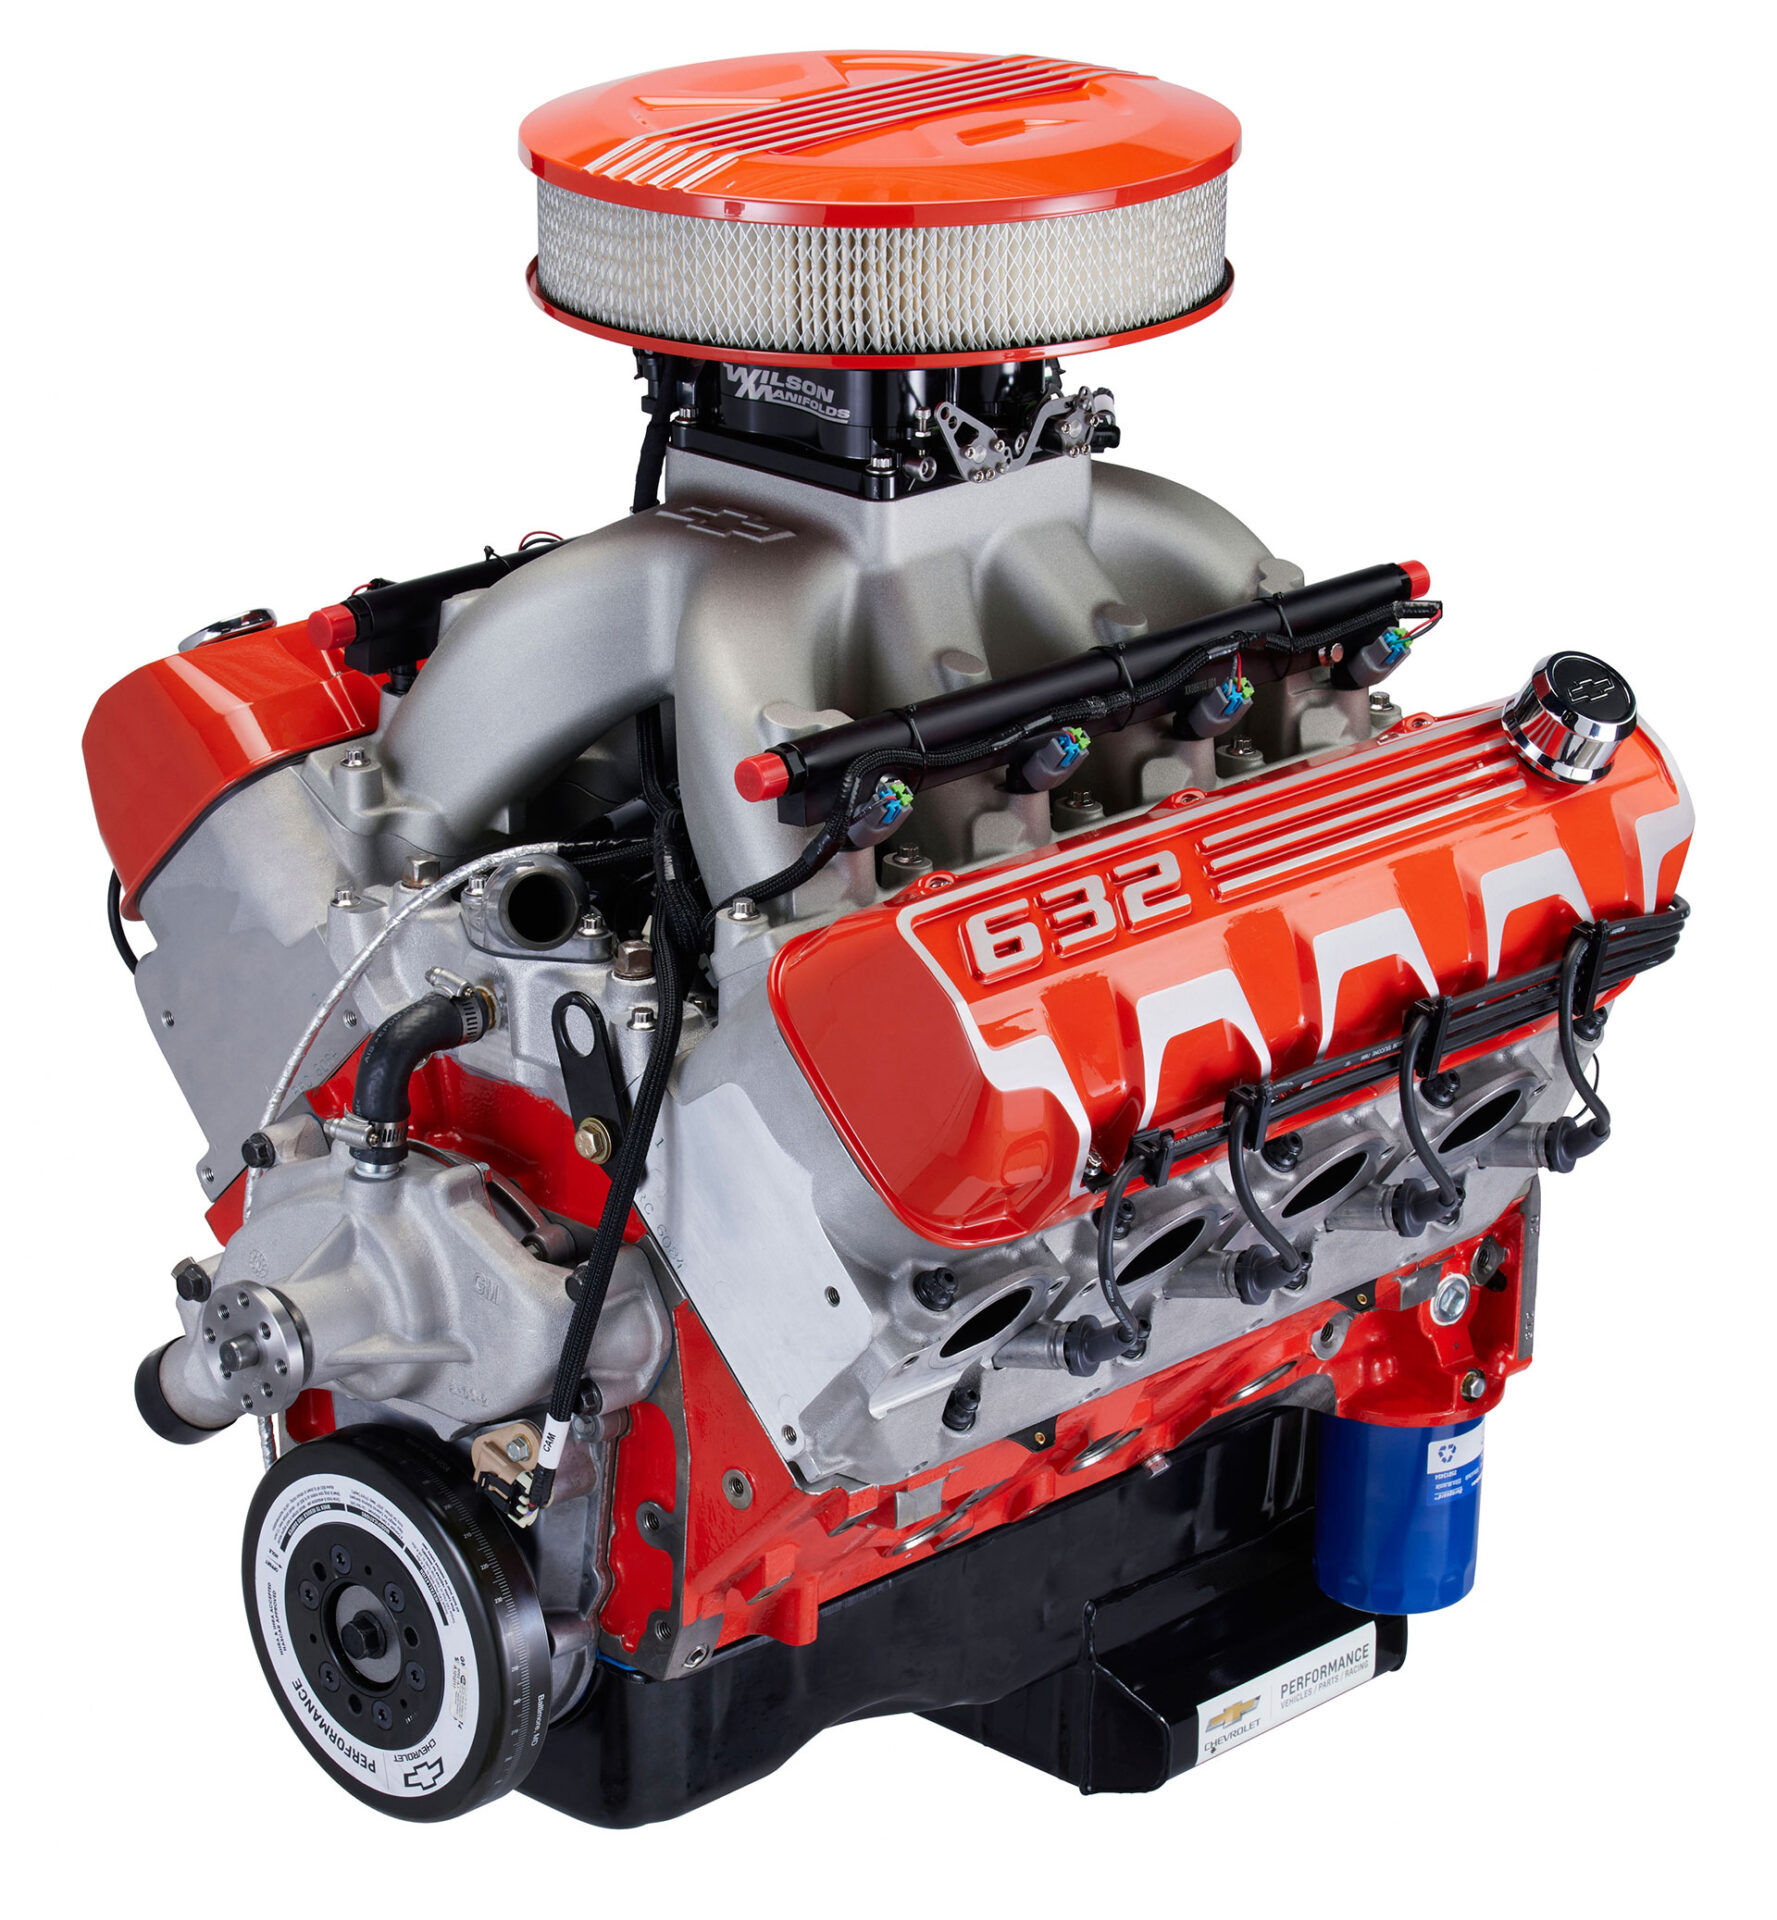 Chevrolet presenta su motor más potente hasta la fecha: más de 1.000 CV de músculo estadounidense